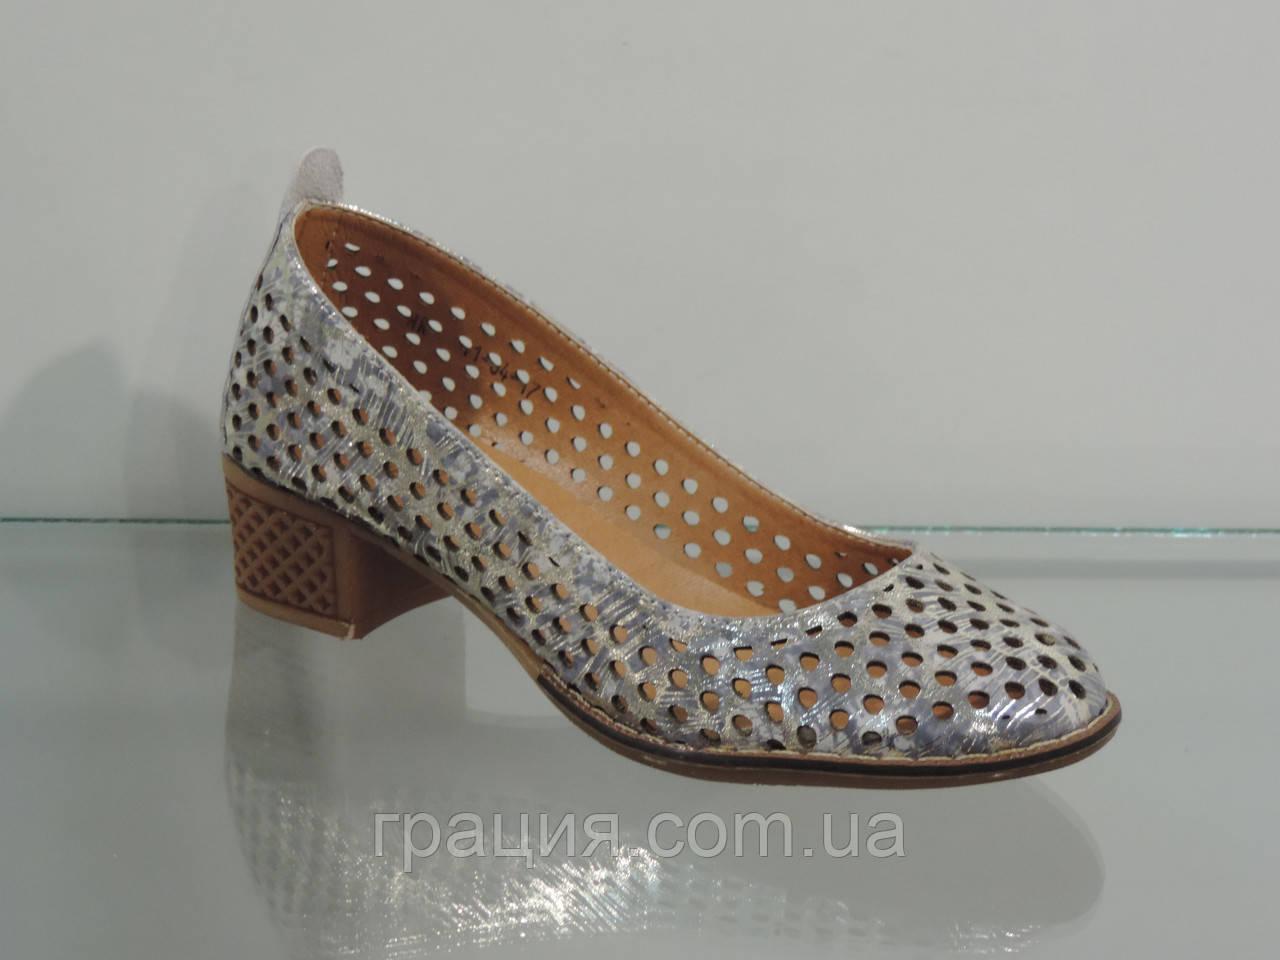 Шкіряні жіночі туфлі з перфорацією на більшому підборах